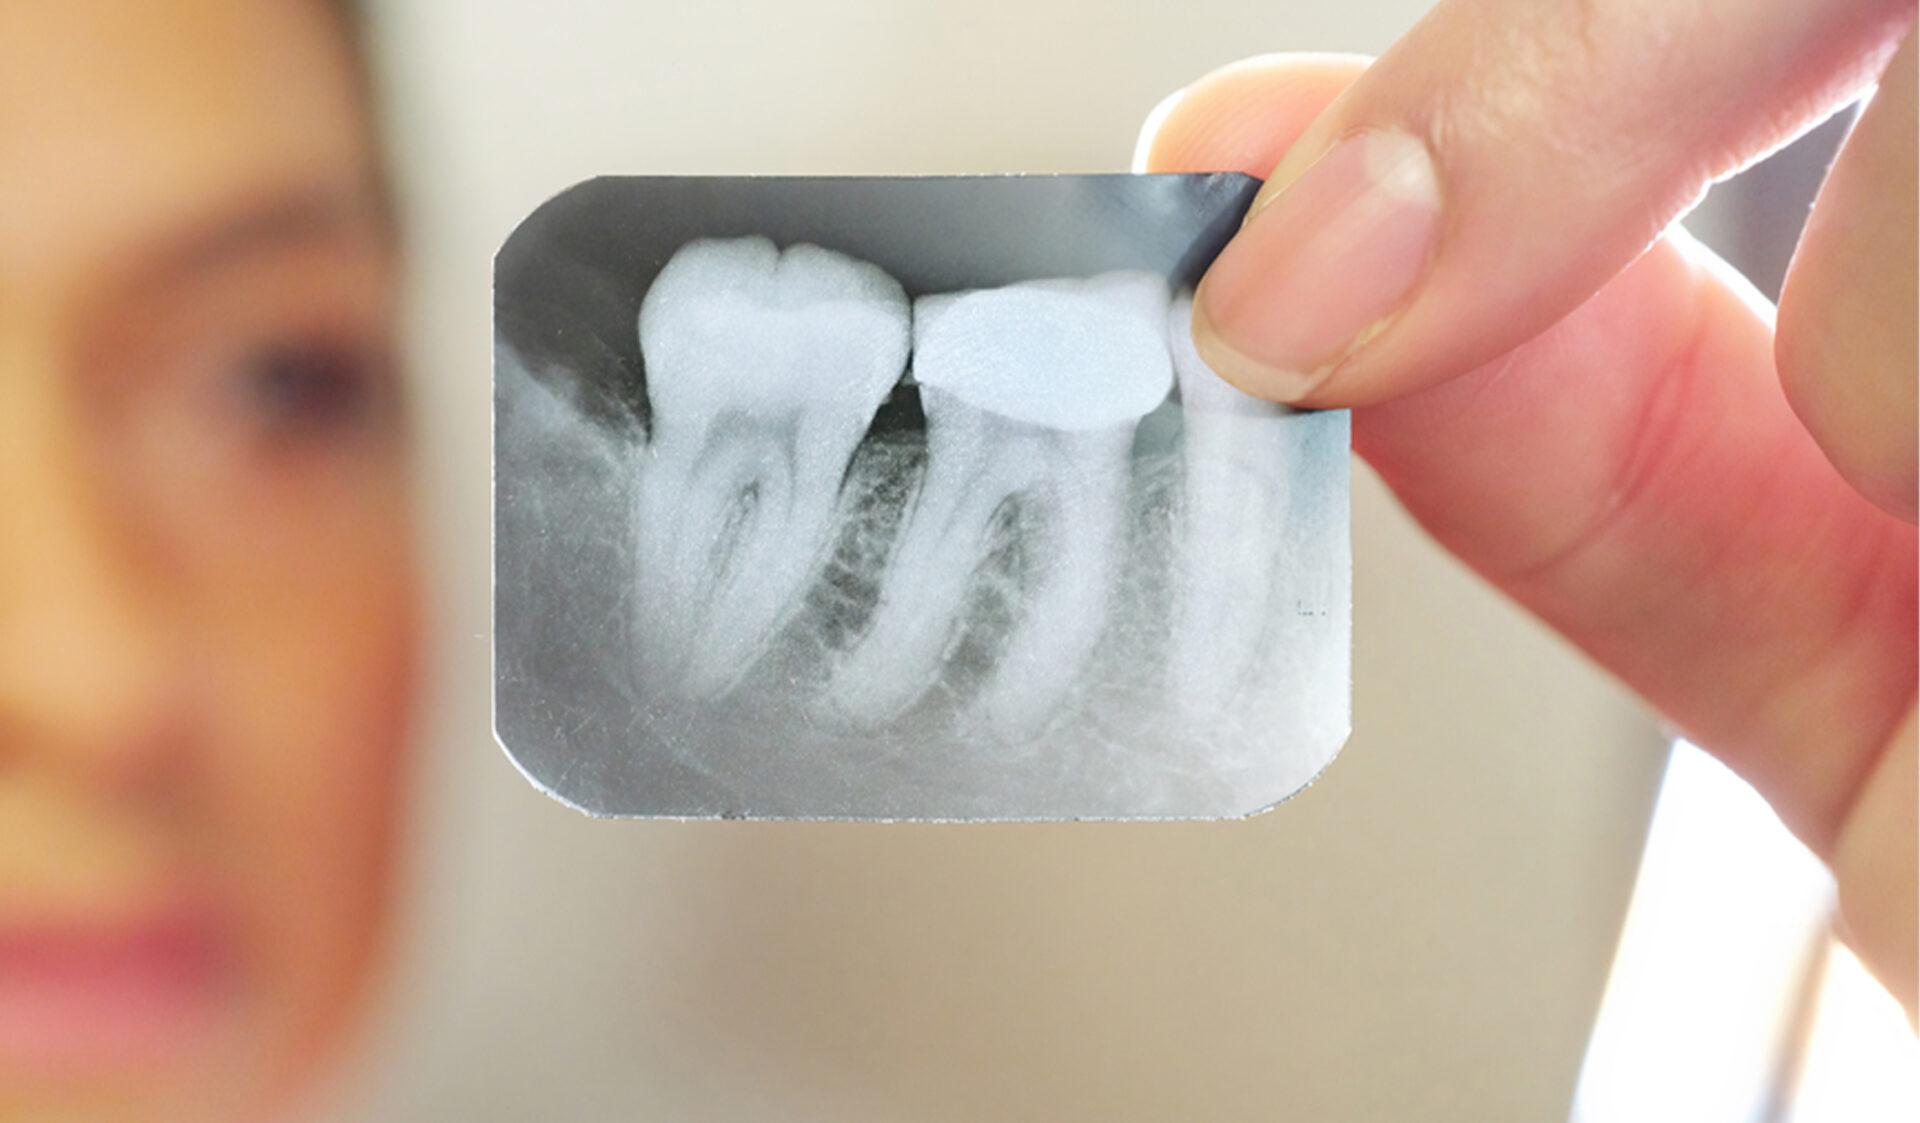 encinitas-dental-designs-services-root-canals